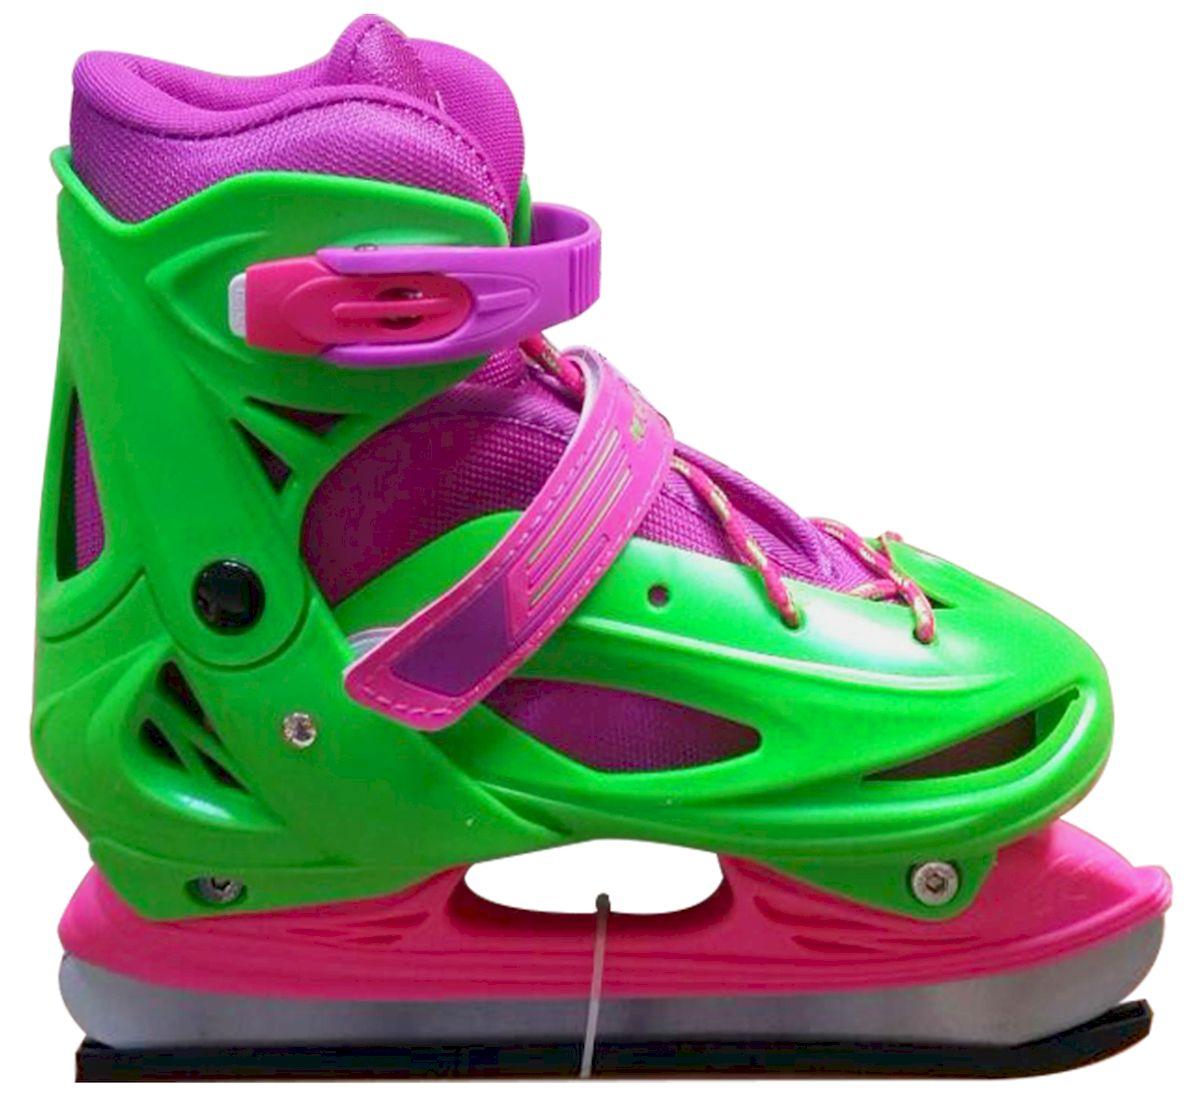 Коньки ледовые Ice Blade Sophie, раздвижные, цвет: розовый, зеленый. УТ-00009126. Размер M (34/37)